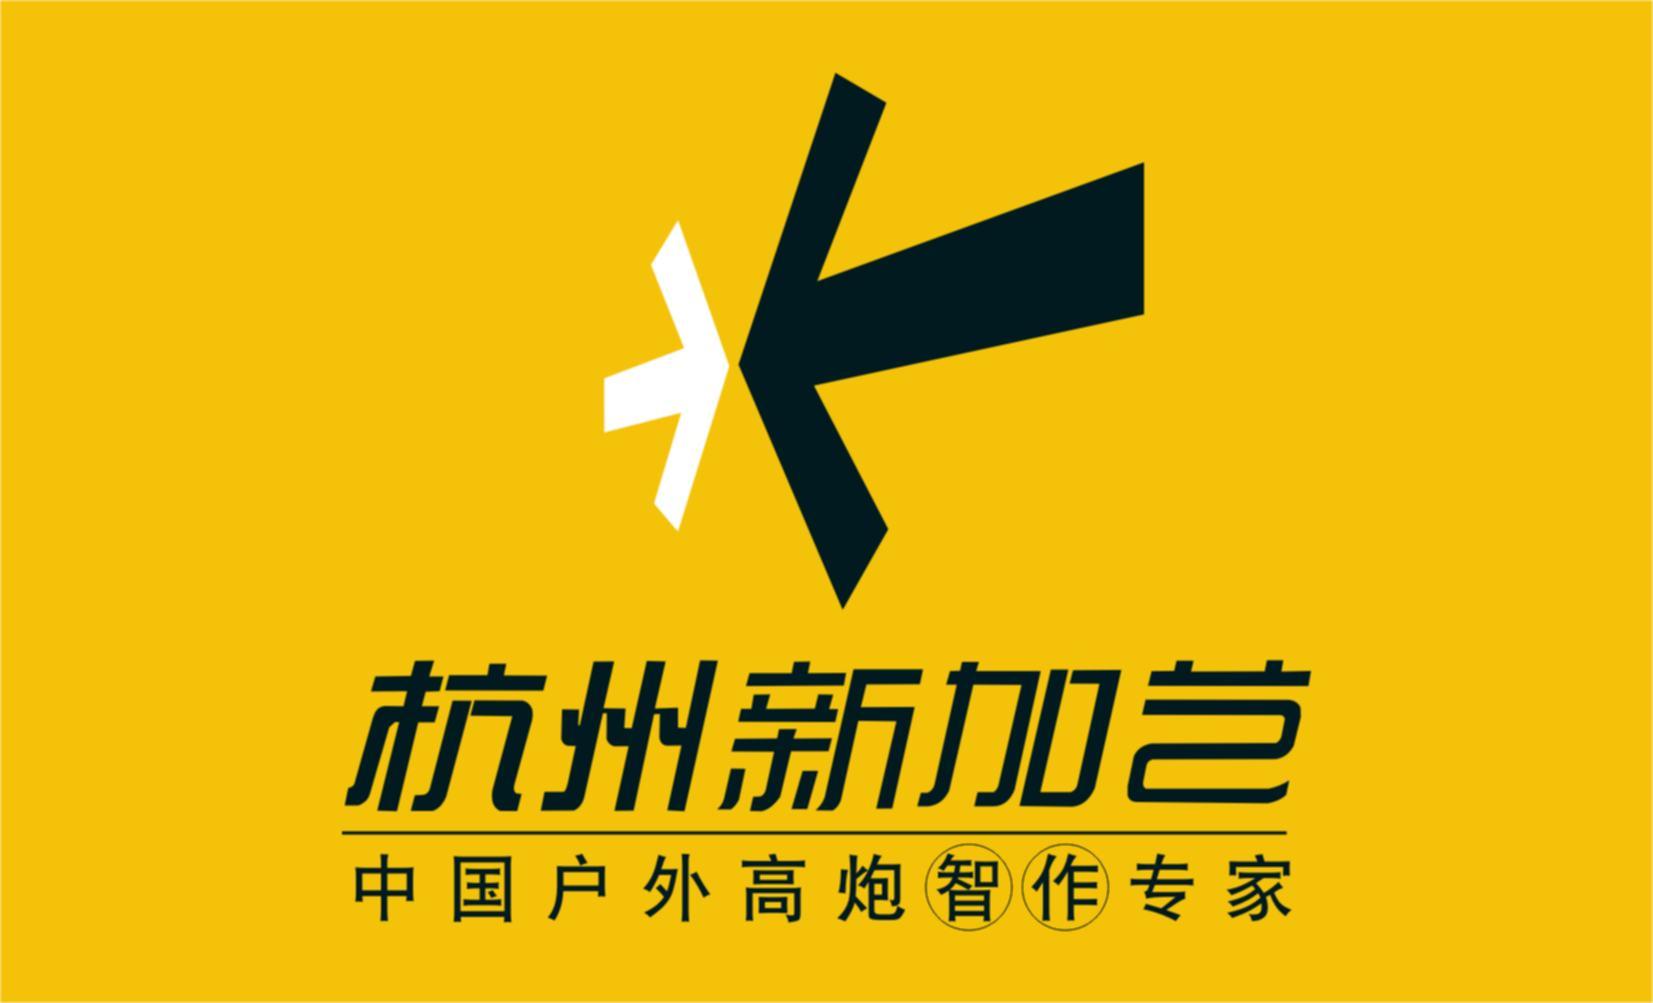 杭州加艺钢构有限公司